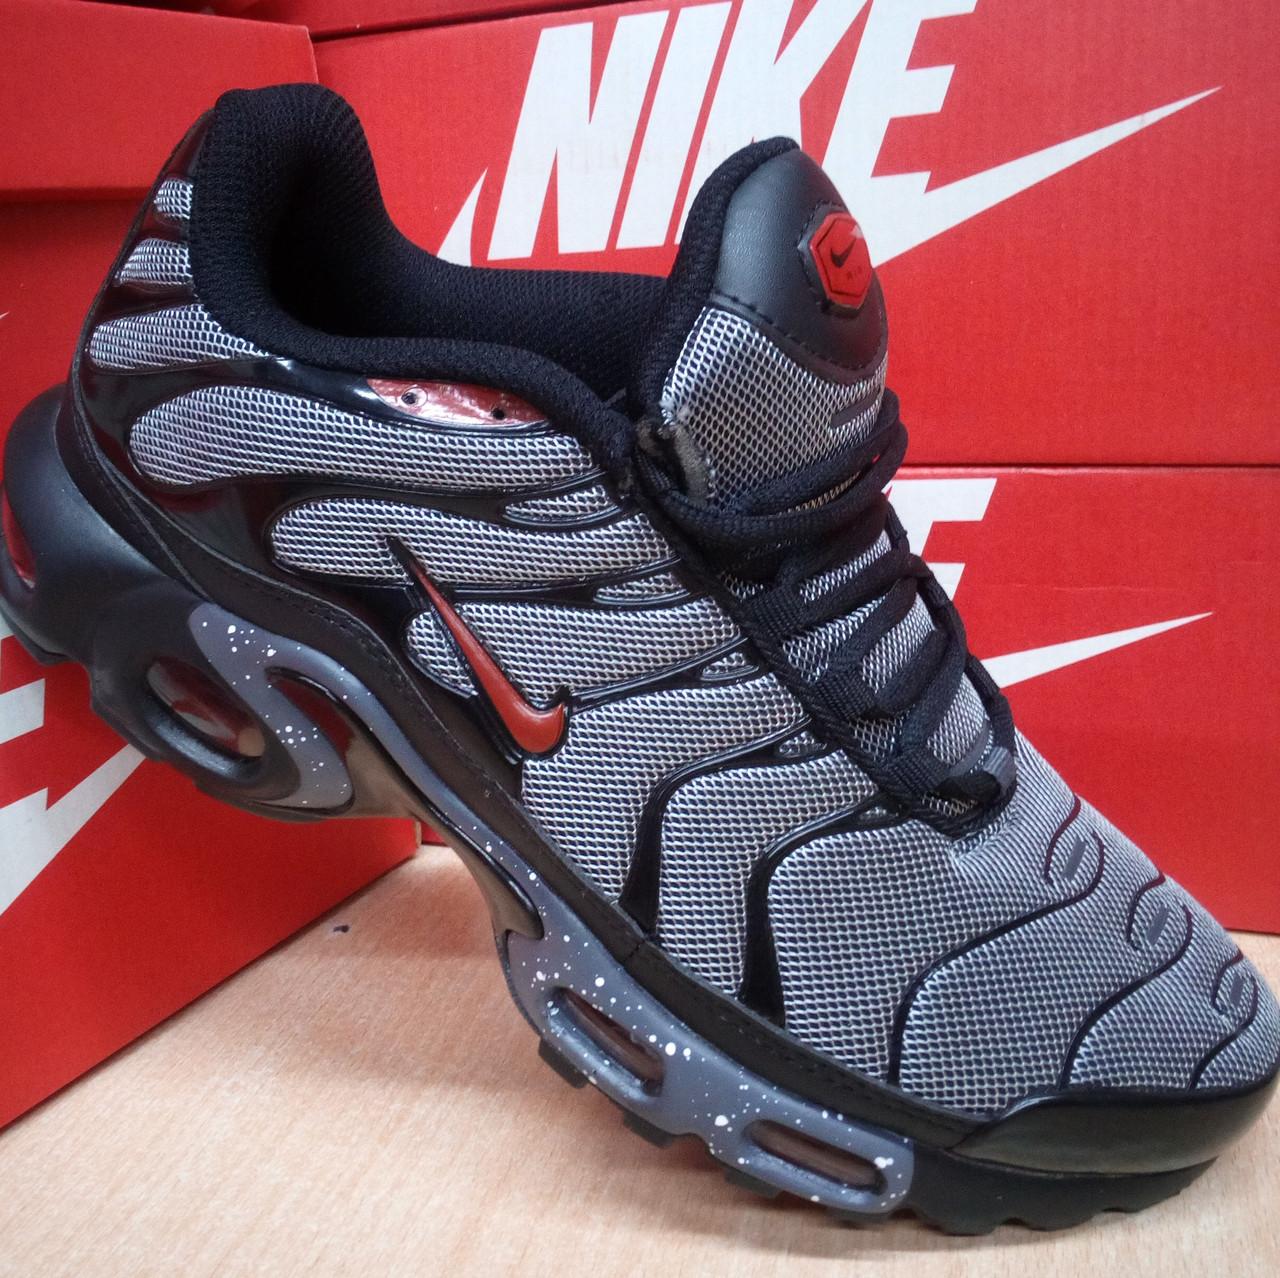 a797567c Мужские кроссовки Nike Air Max Tn: продажа, цена в Сумах. кроссовки ...